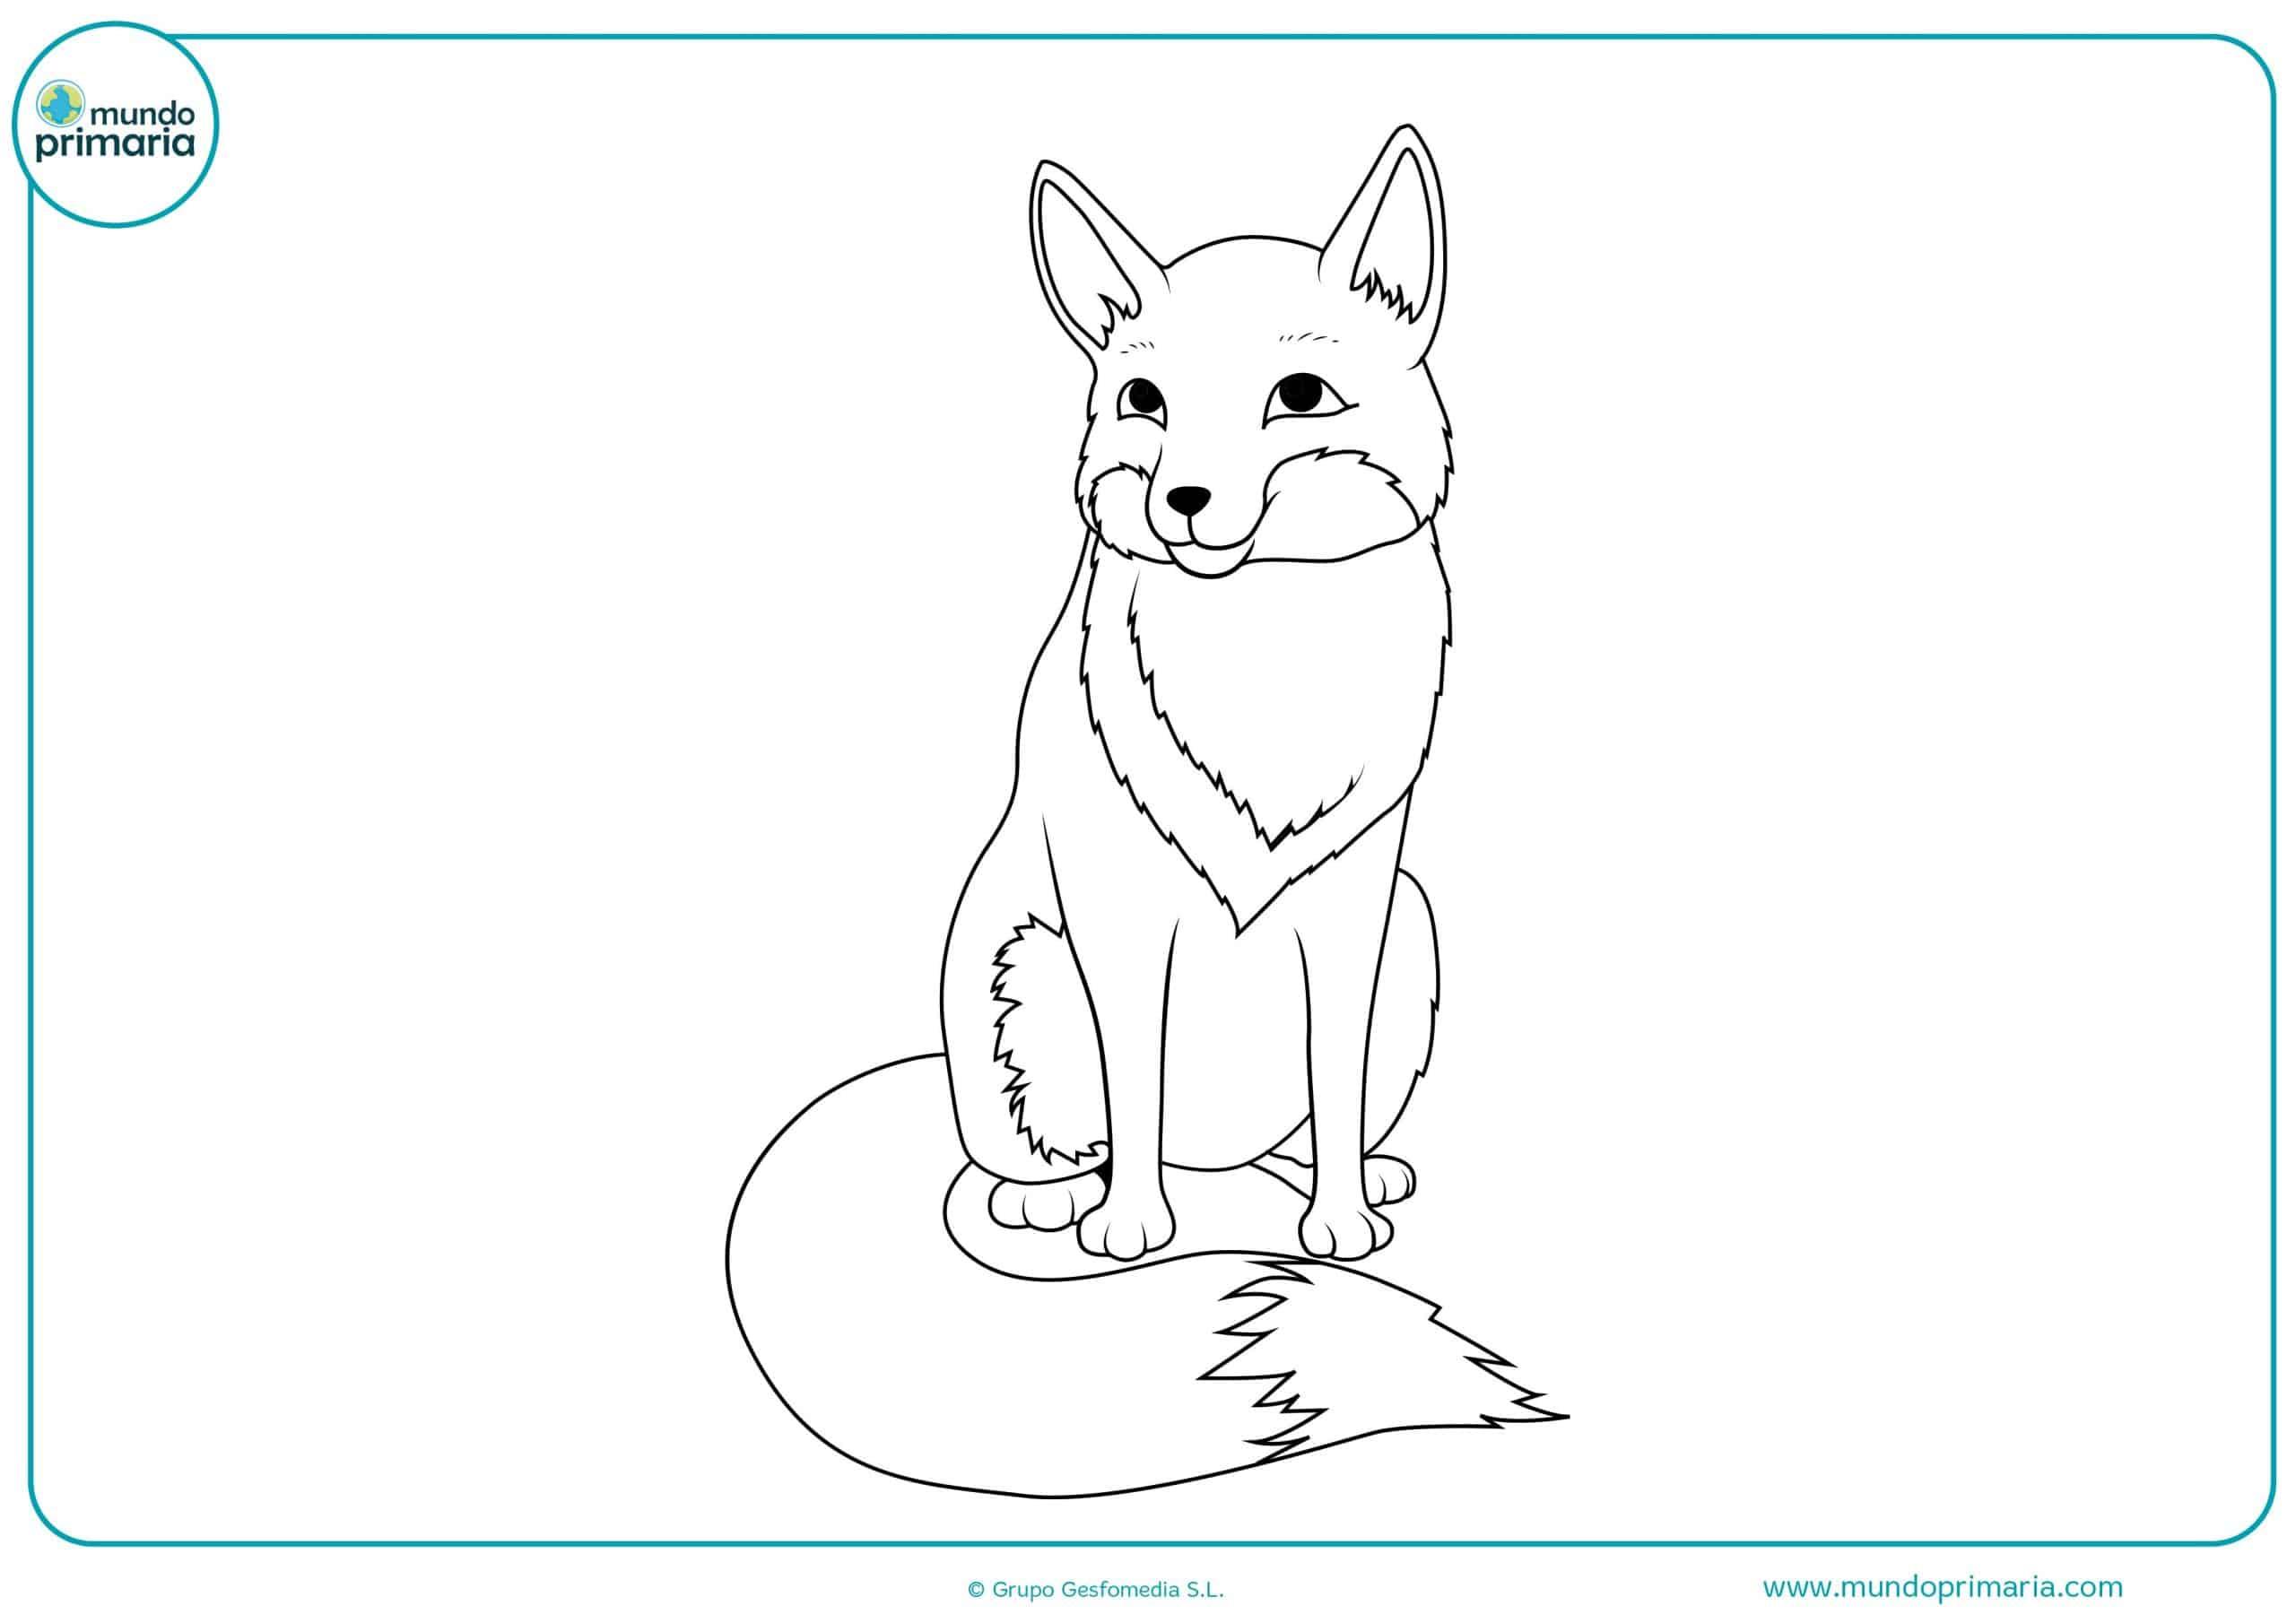 Dibujos Animados Para Colorear: Dibujos De Animales Del Bosque Para Colorear